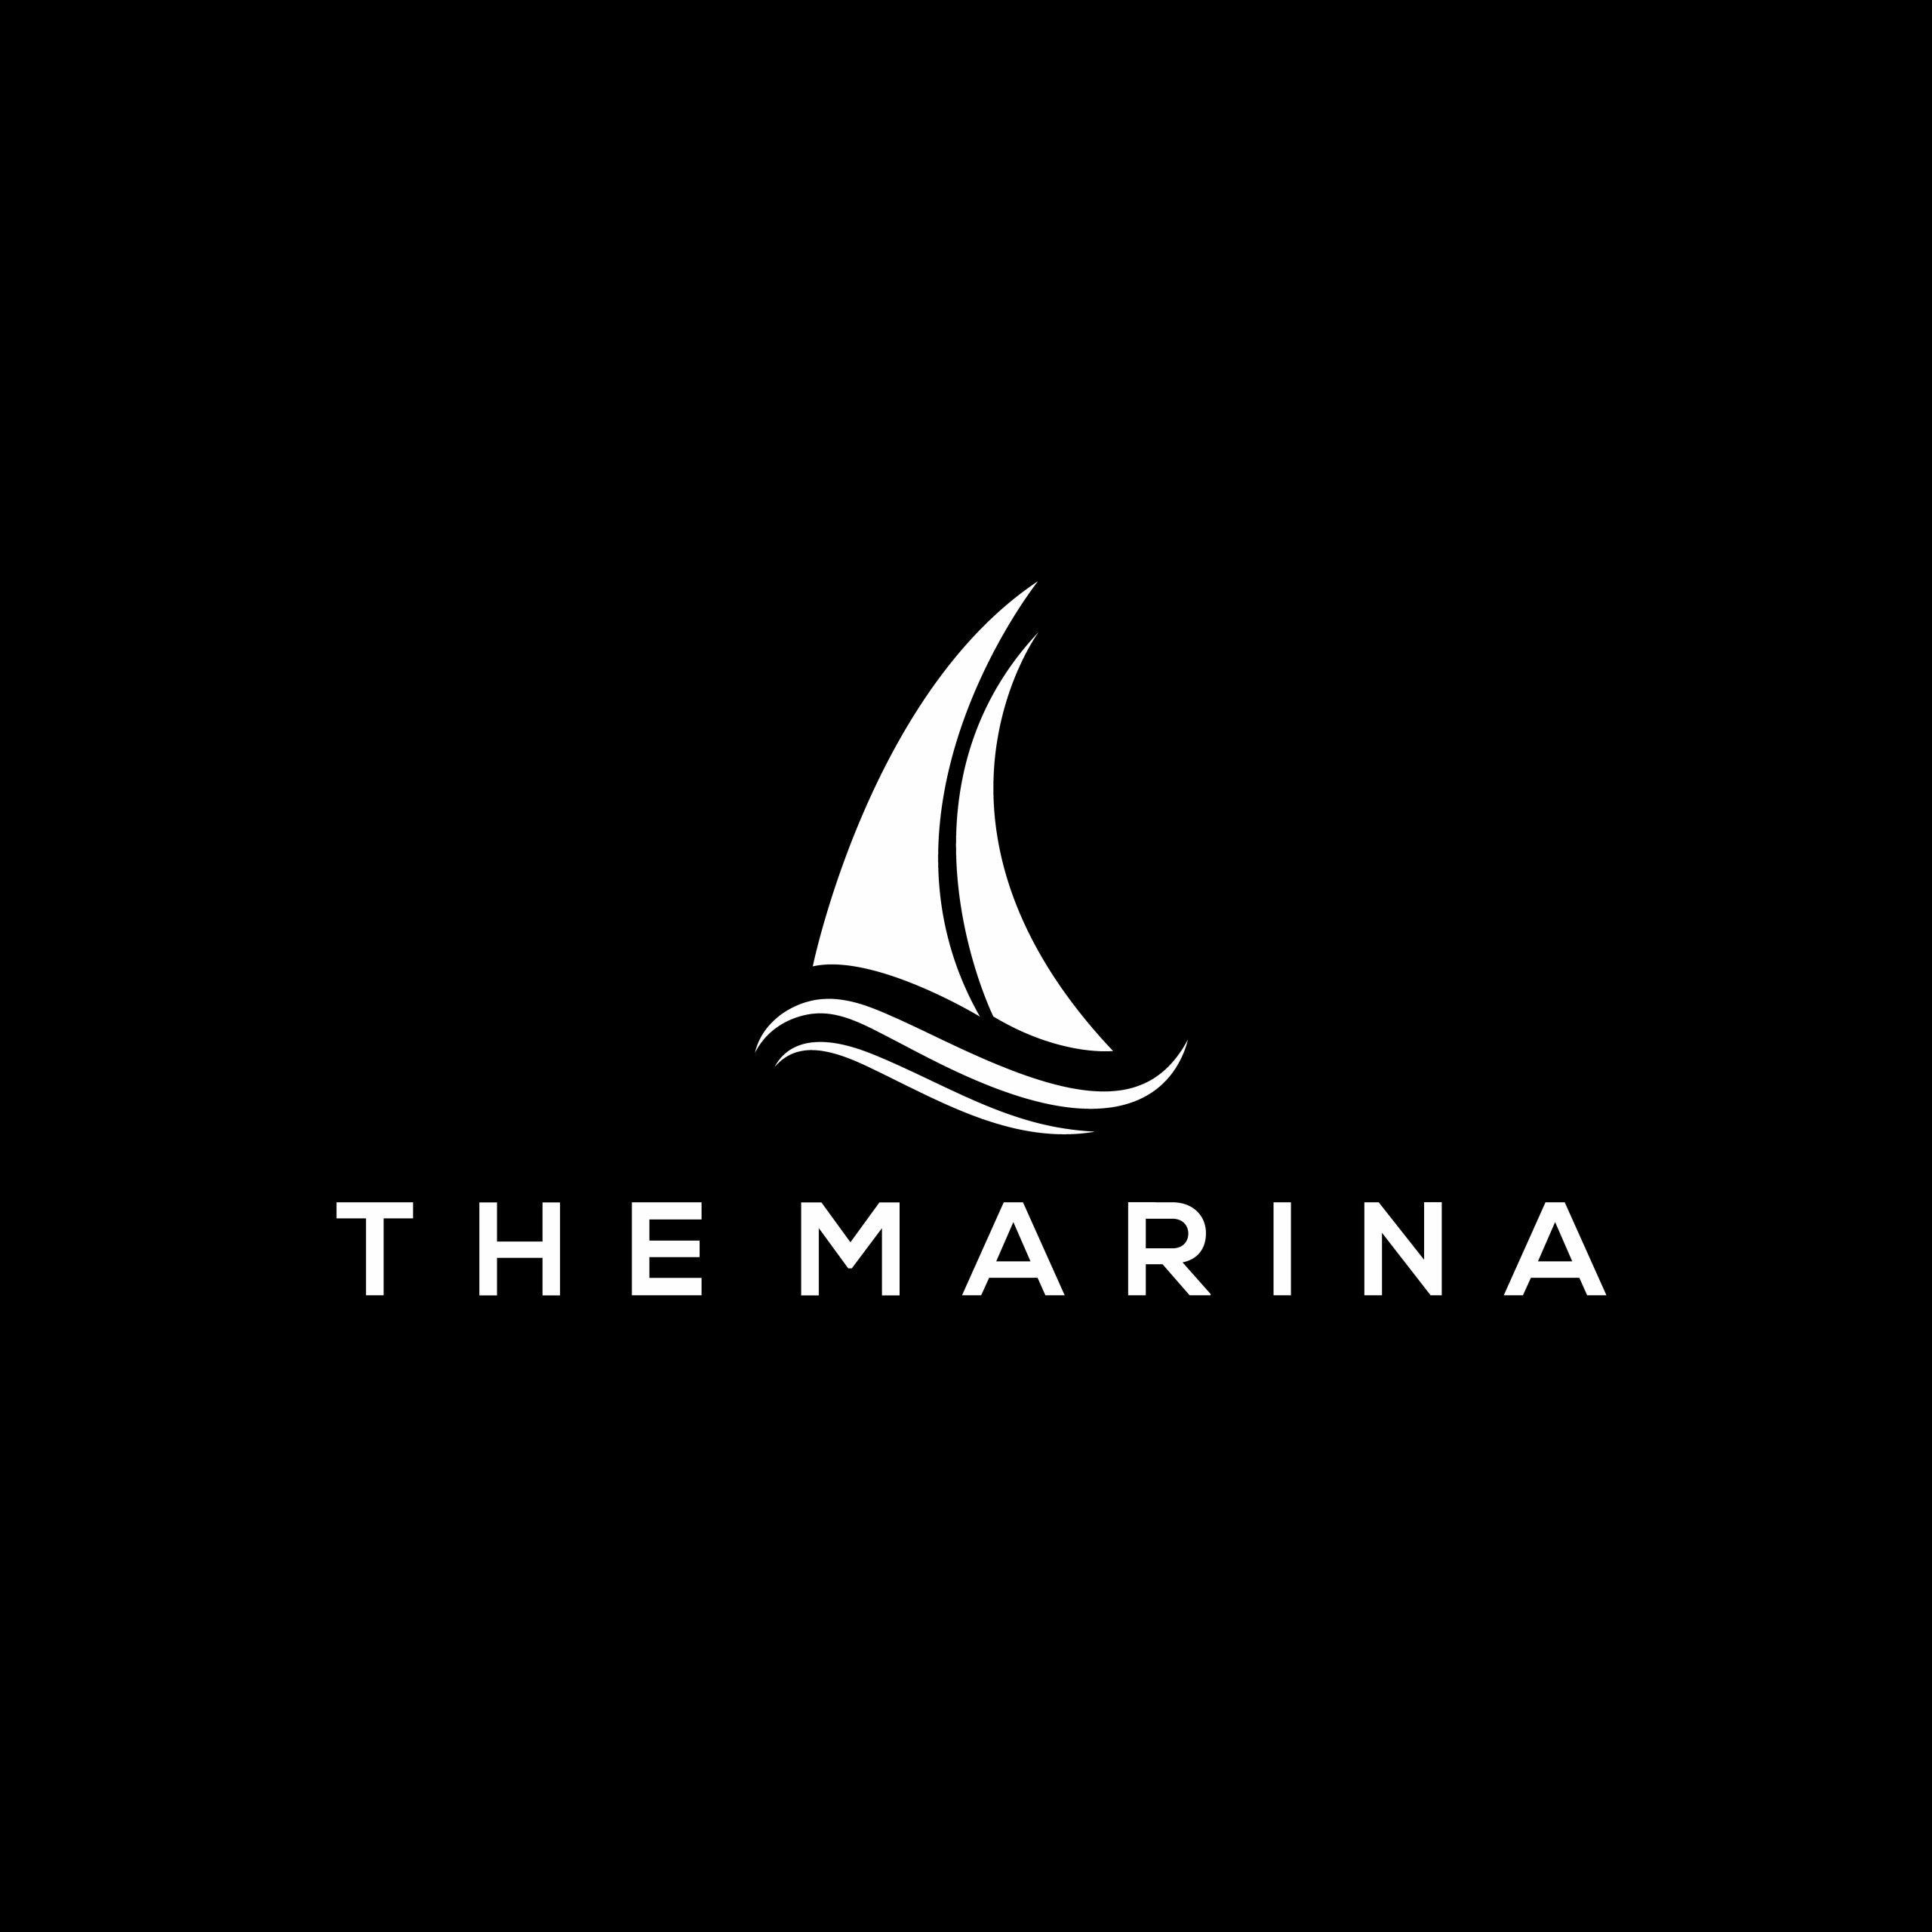 TheMarinaSitcom